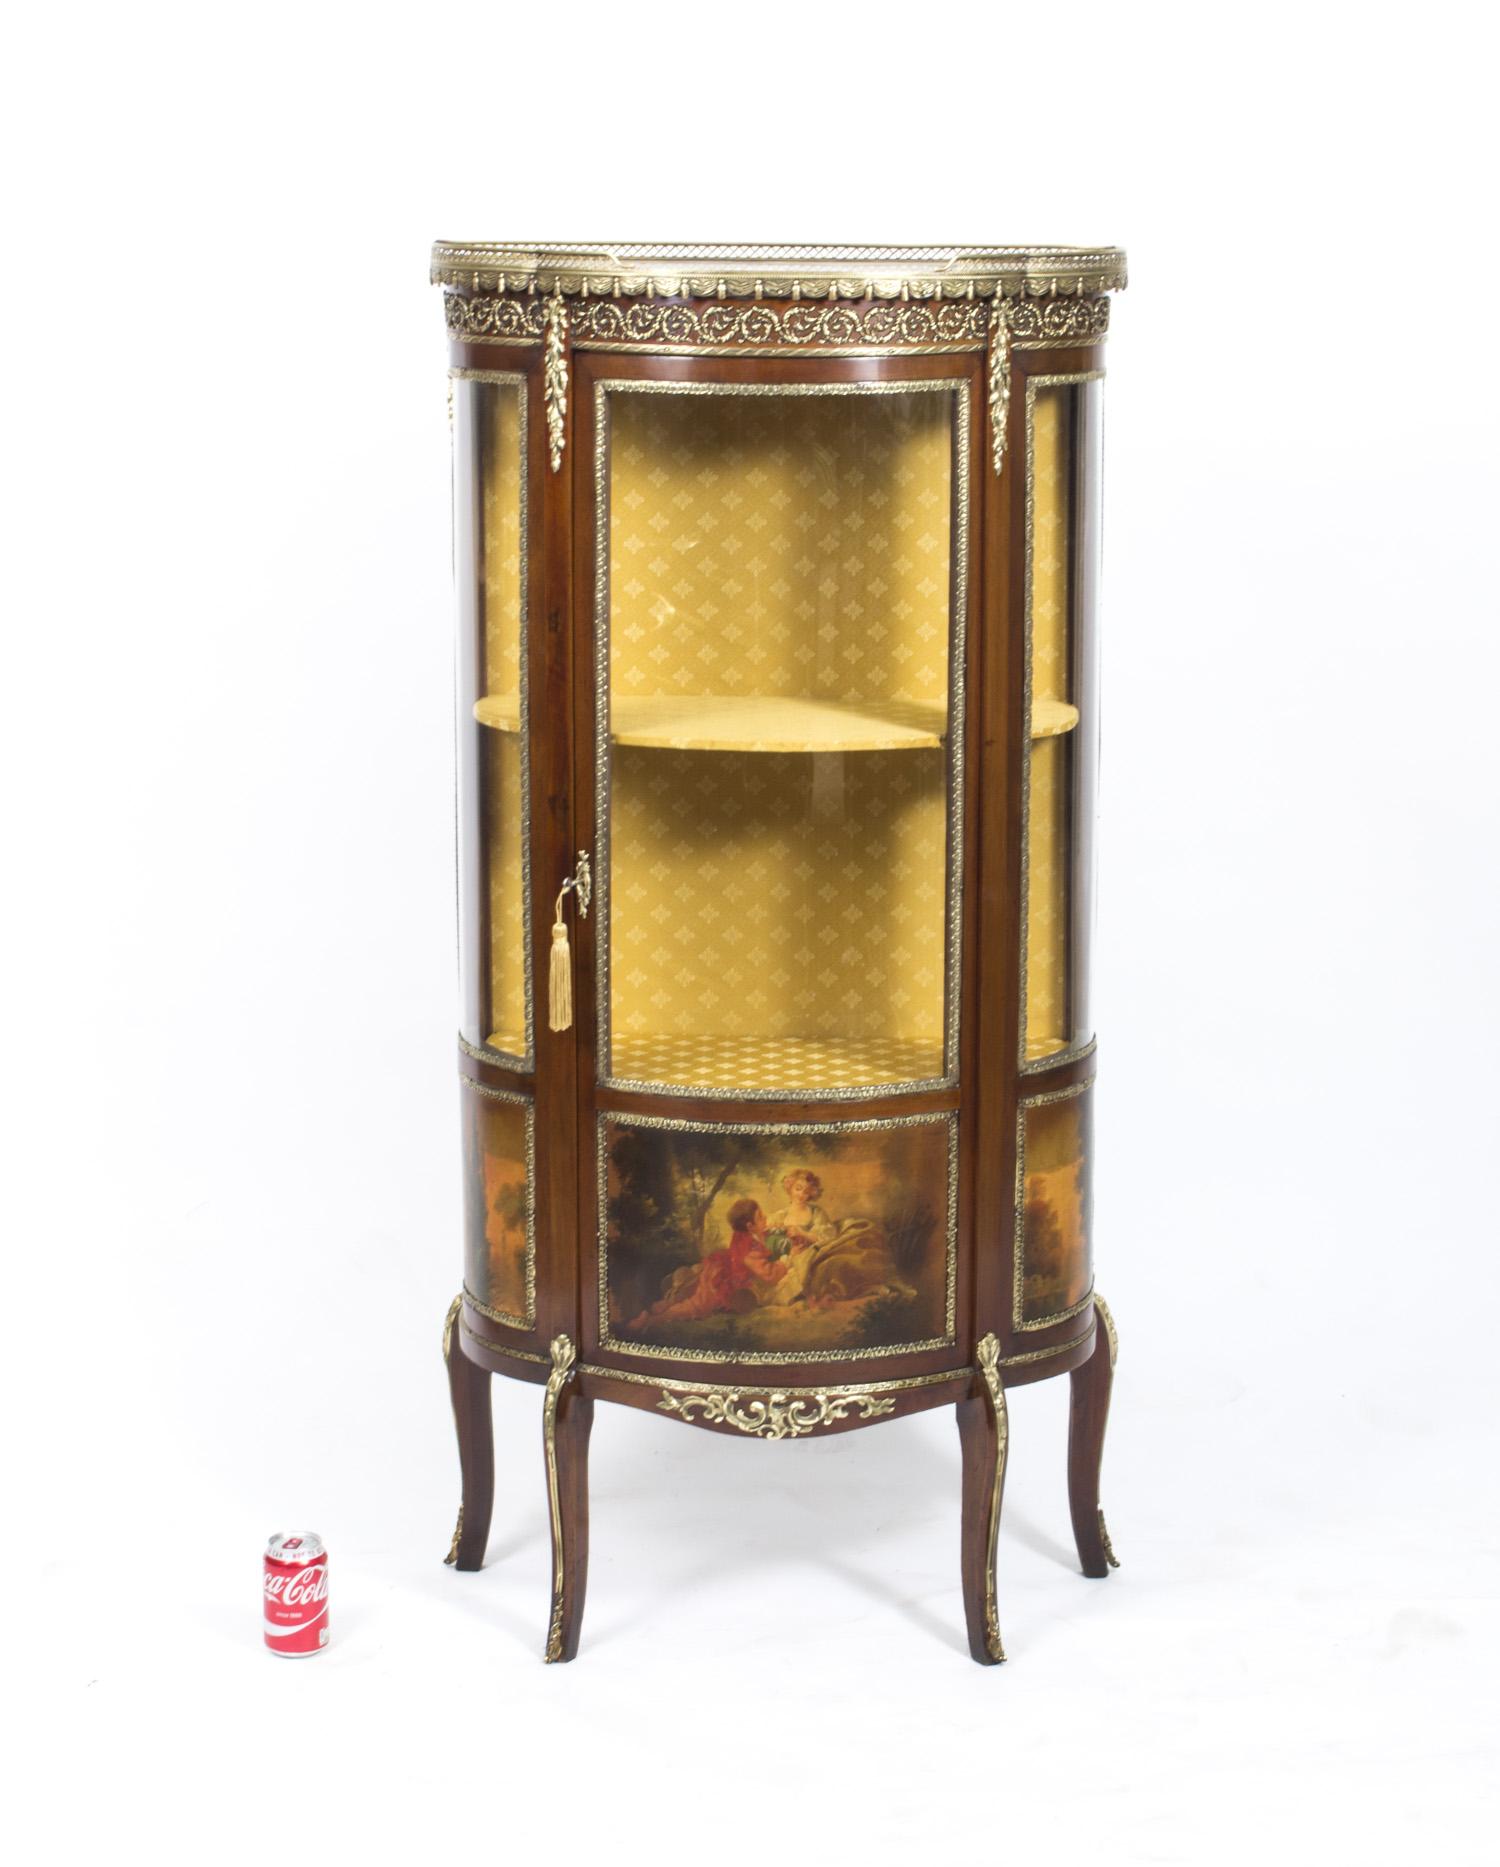 regent antiques display cabinets antique french vernis martin cabinet vitrine. Black Bedroom Furniture Sets. Home Design Ideas